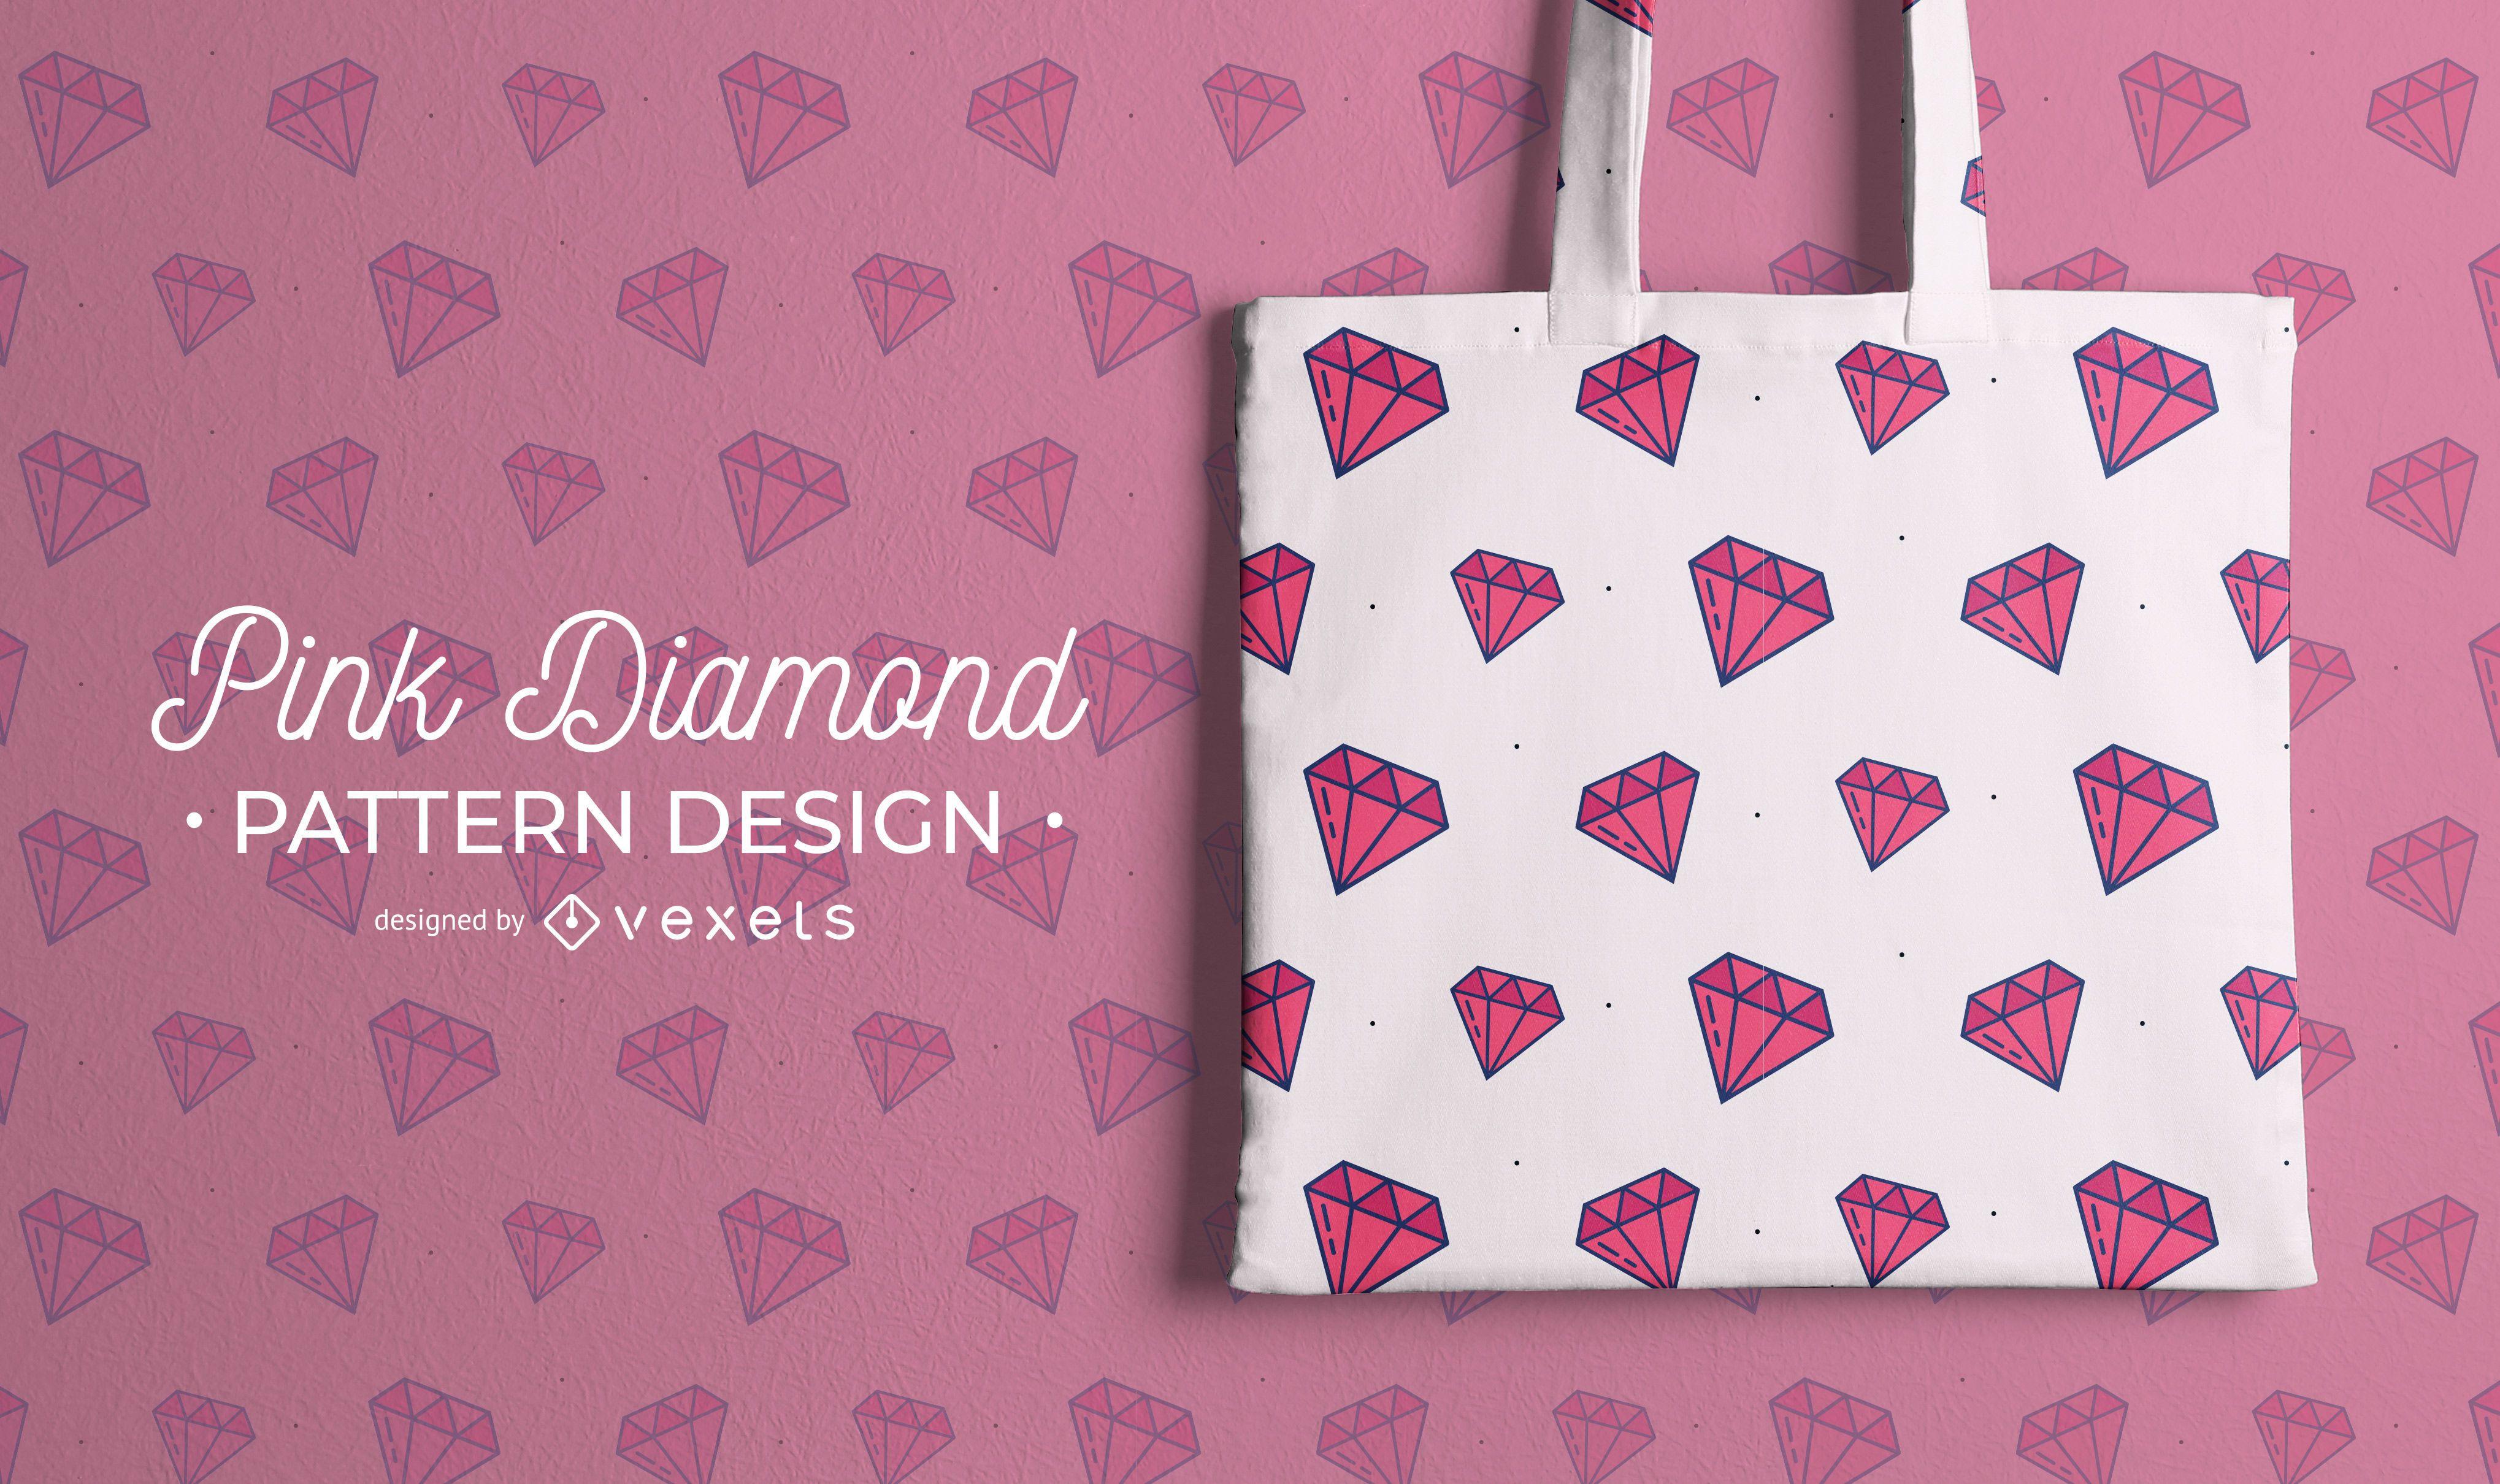 Diseño de patrón de diamante rosa